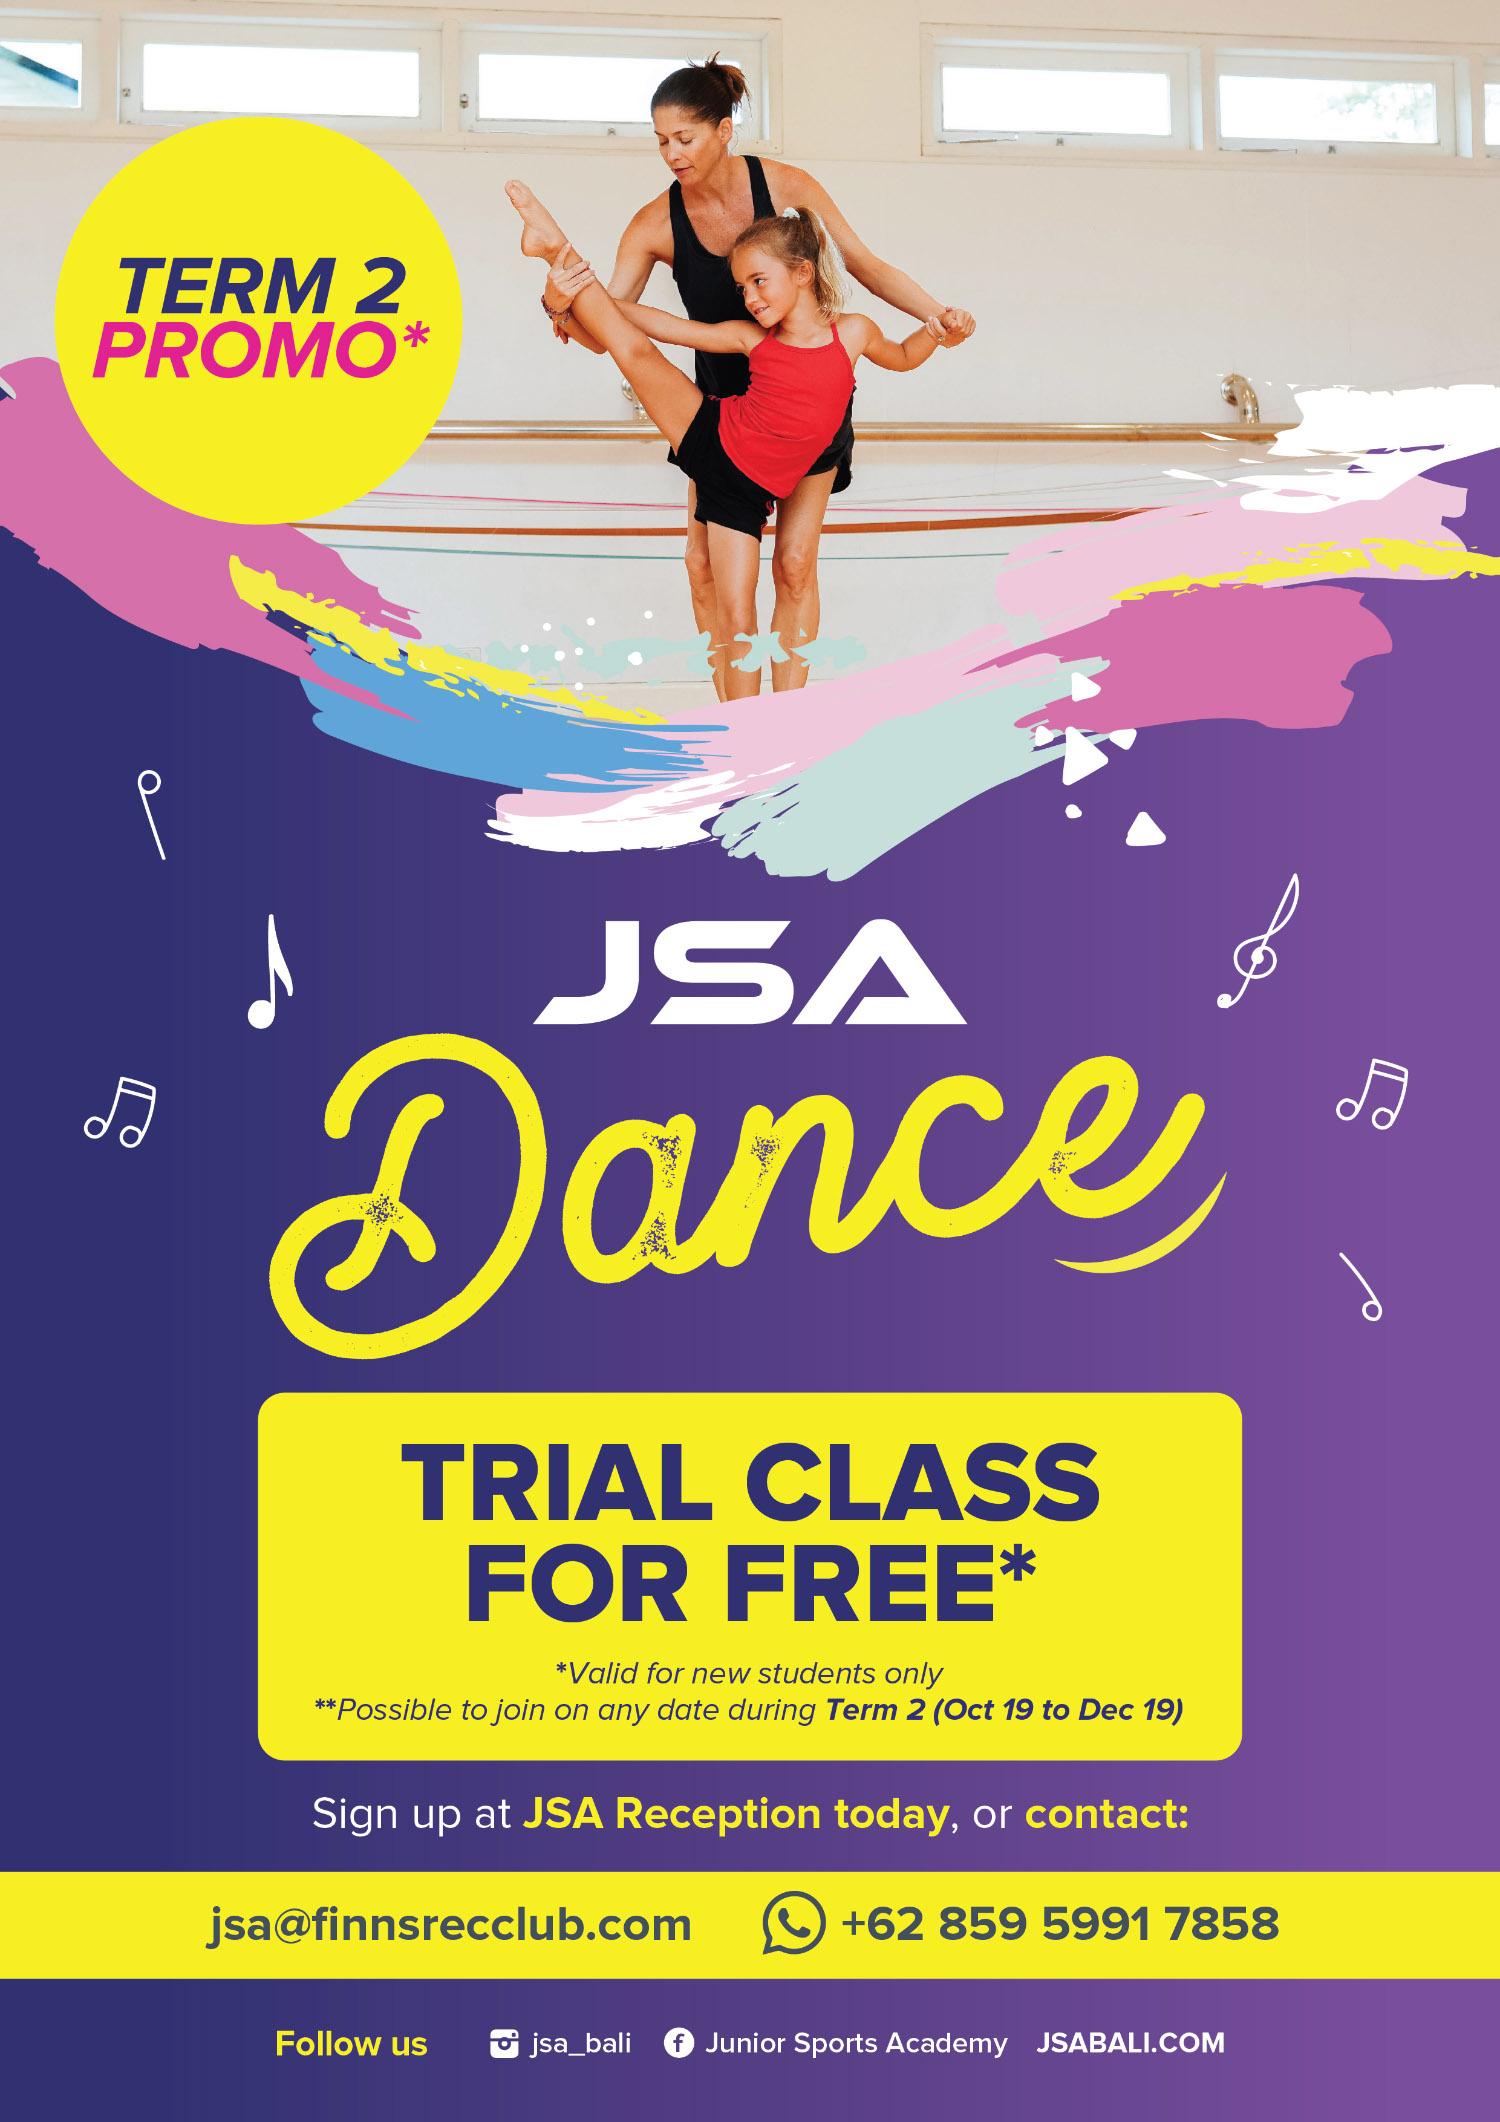 JSA Dance